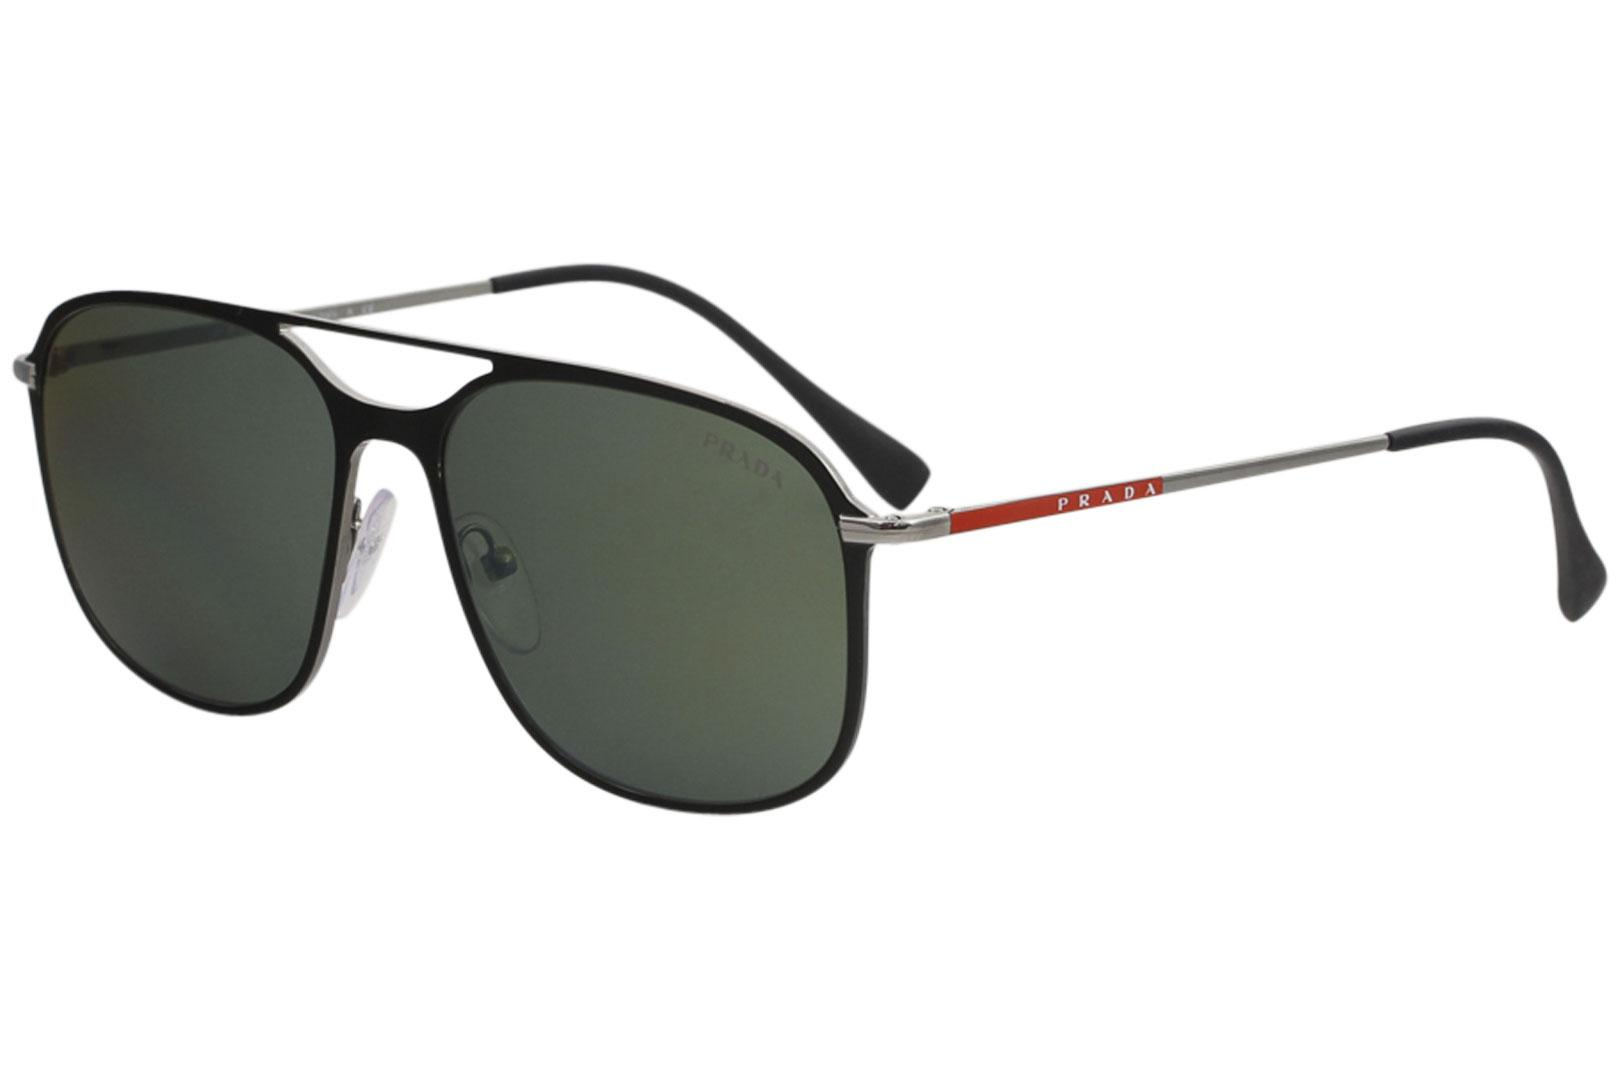 4350b45a2a1b Prada Linea Rossa Men s SPS53T SPS 53T Fashion Pilot Sunglasses by Prada  Linea Rossa